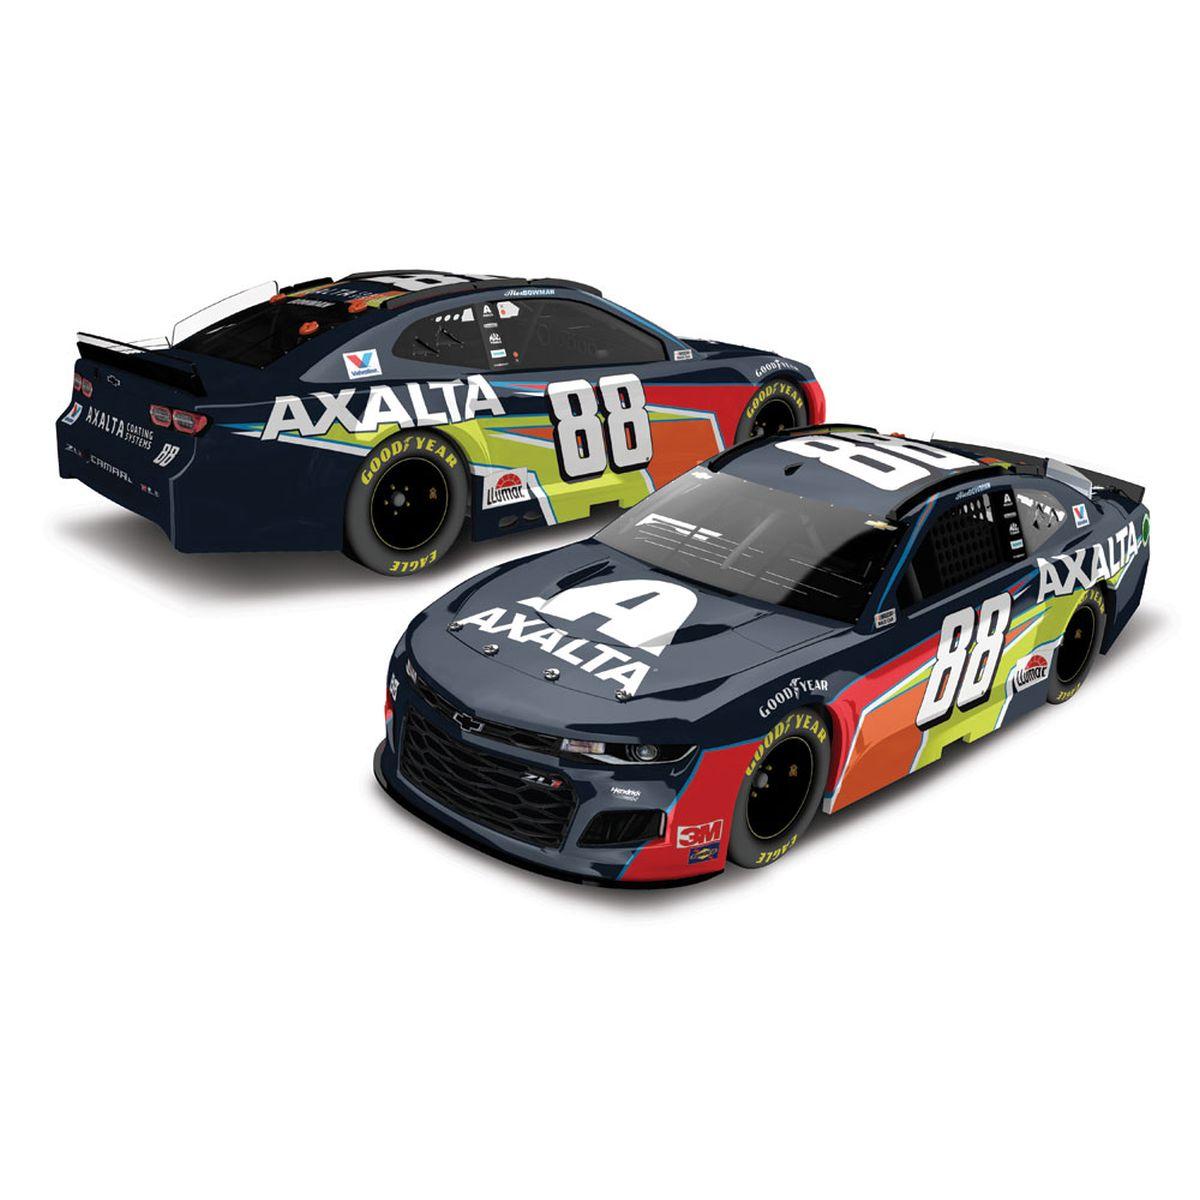 Alex Bowman #88 2020 Axalta NASCAR HO 1:24 - Die Cast